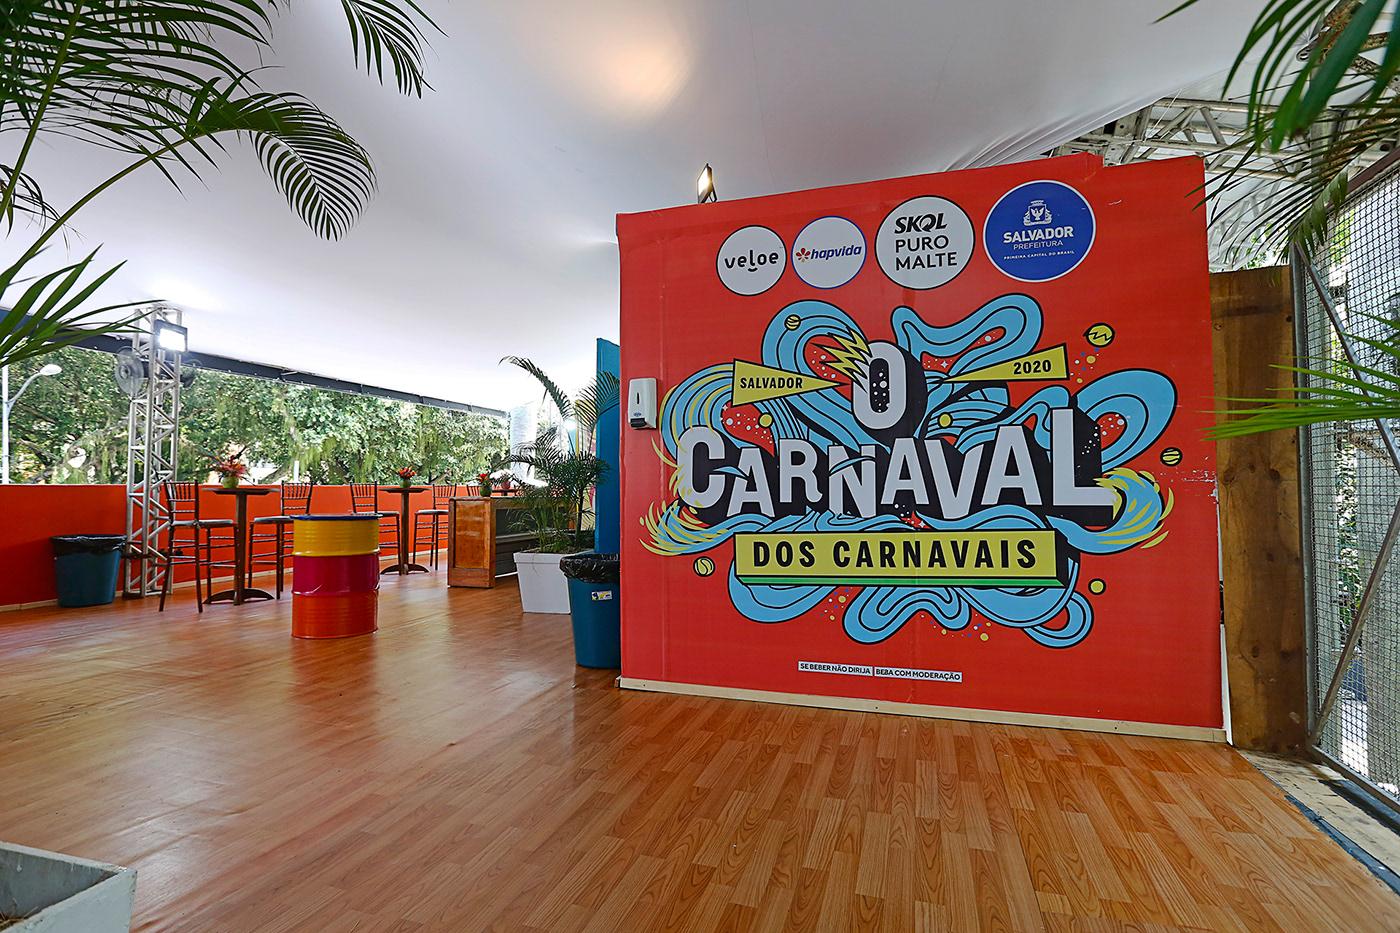 bahia Carnaval identidade visual marca o carnaval dos carnavais Prefeitura de Salvador salvador